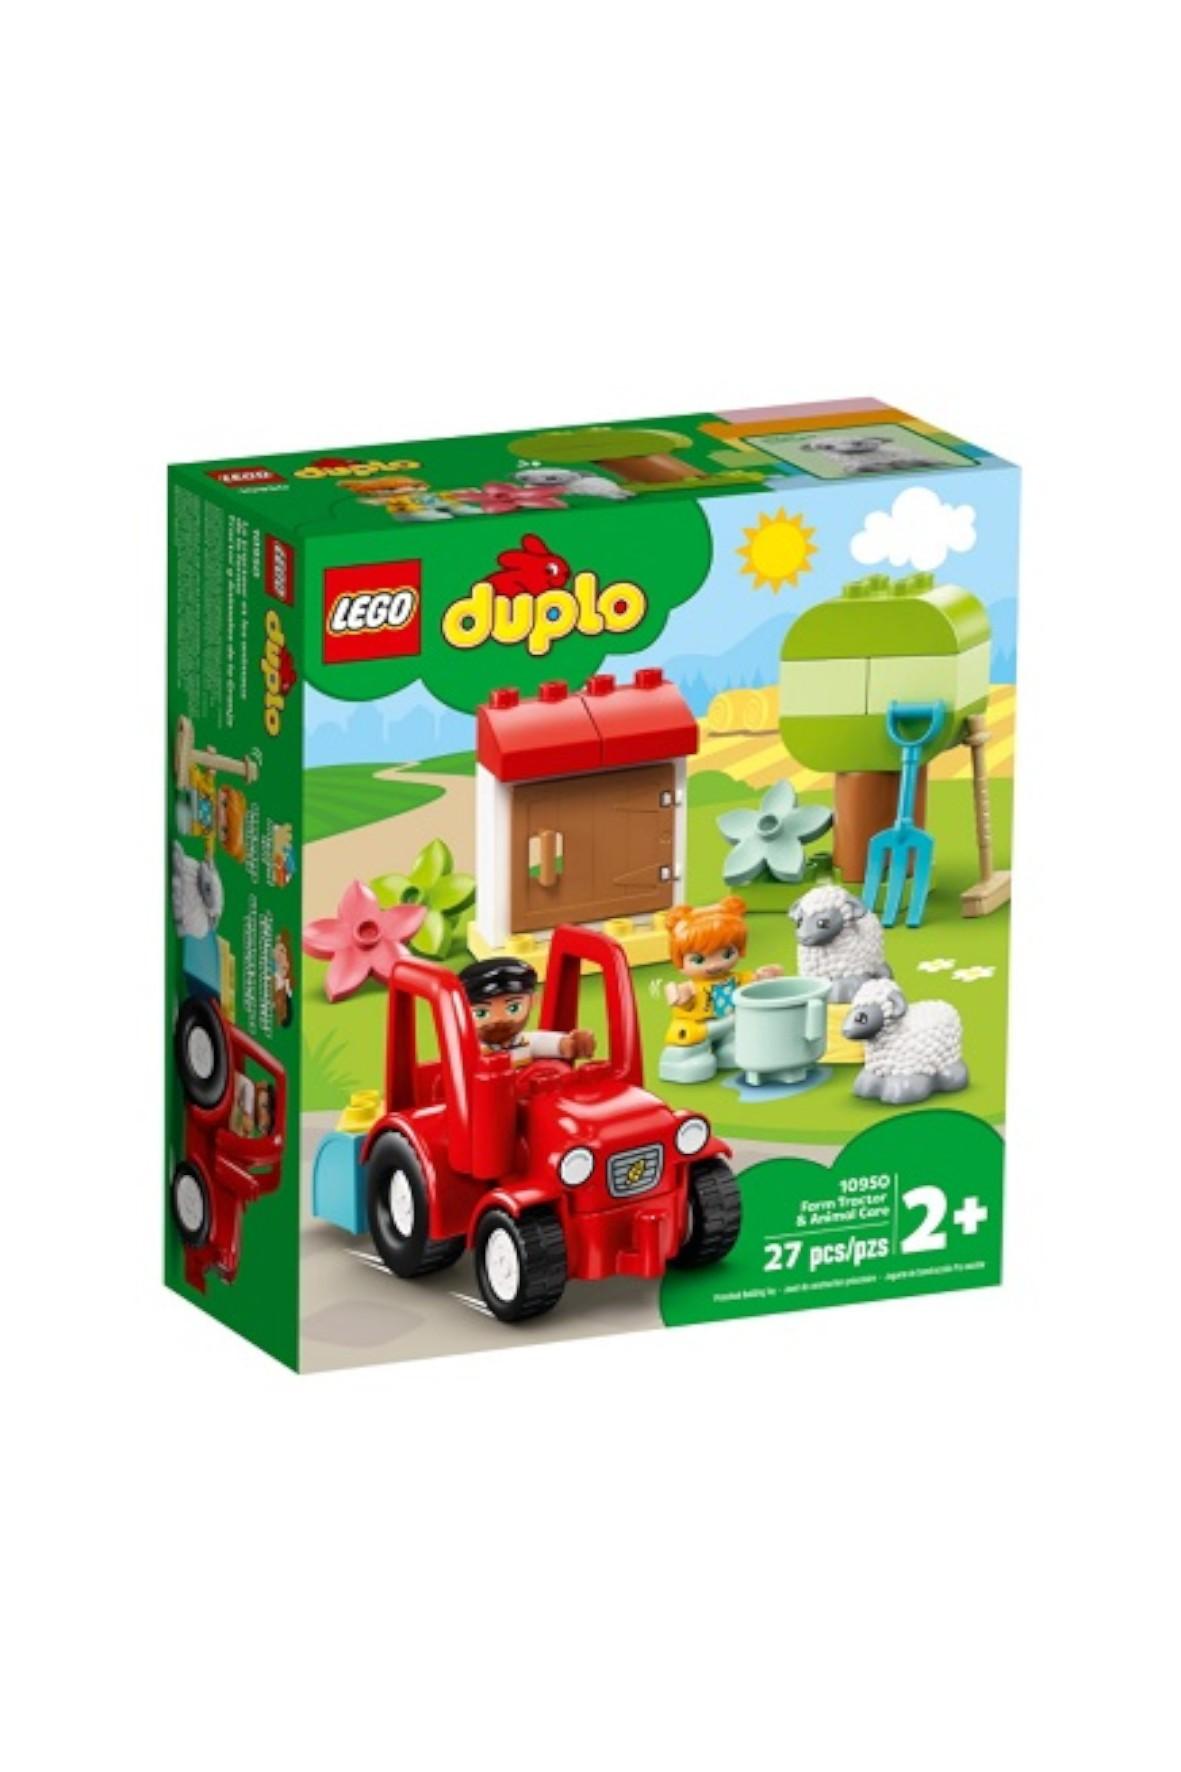 Lego DUPLO - Traktor i zwierzęta gospodarskie -  27 el wiek 2+